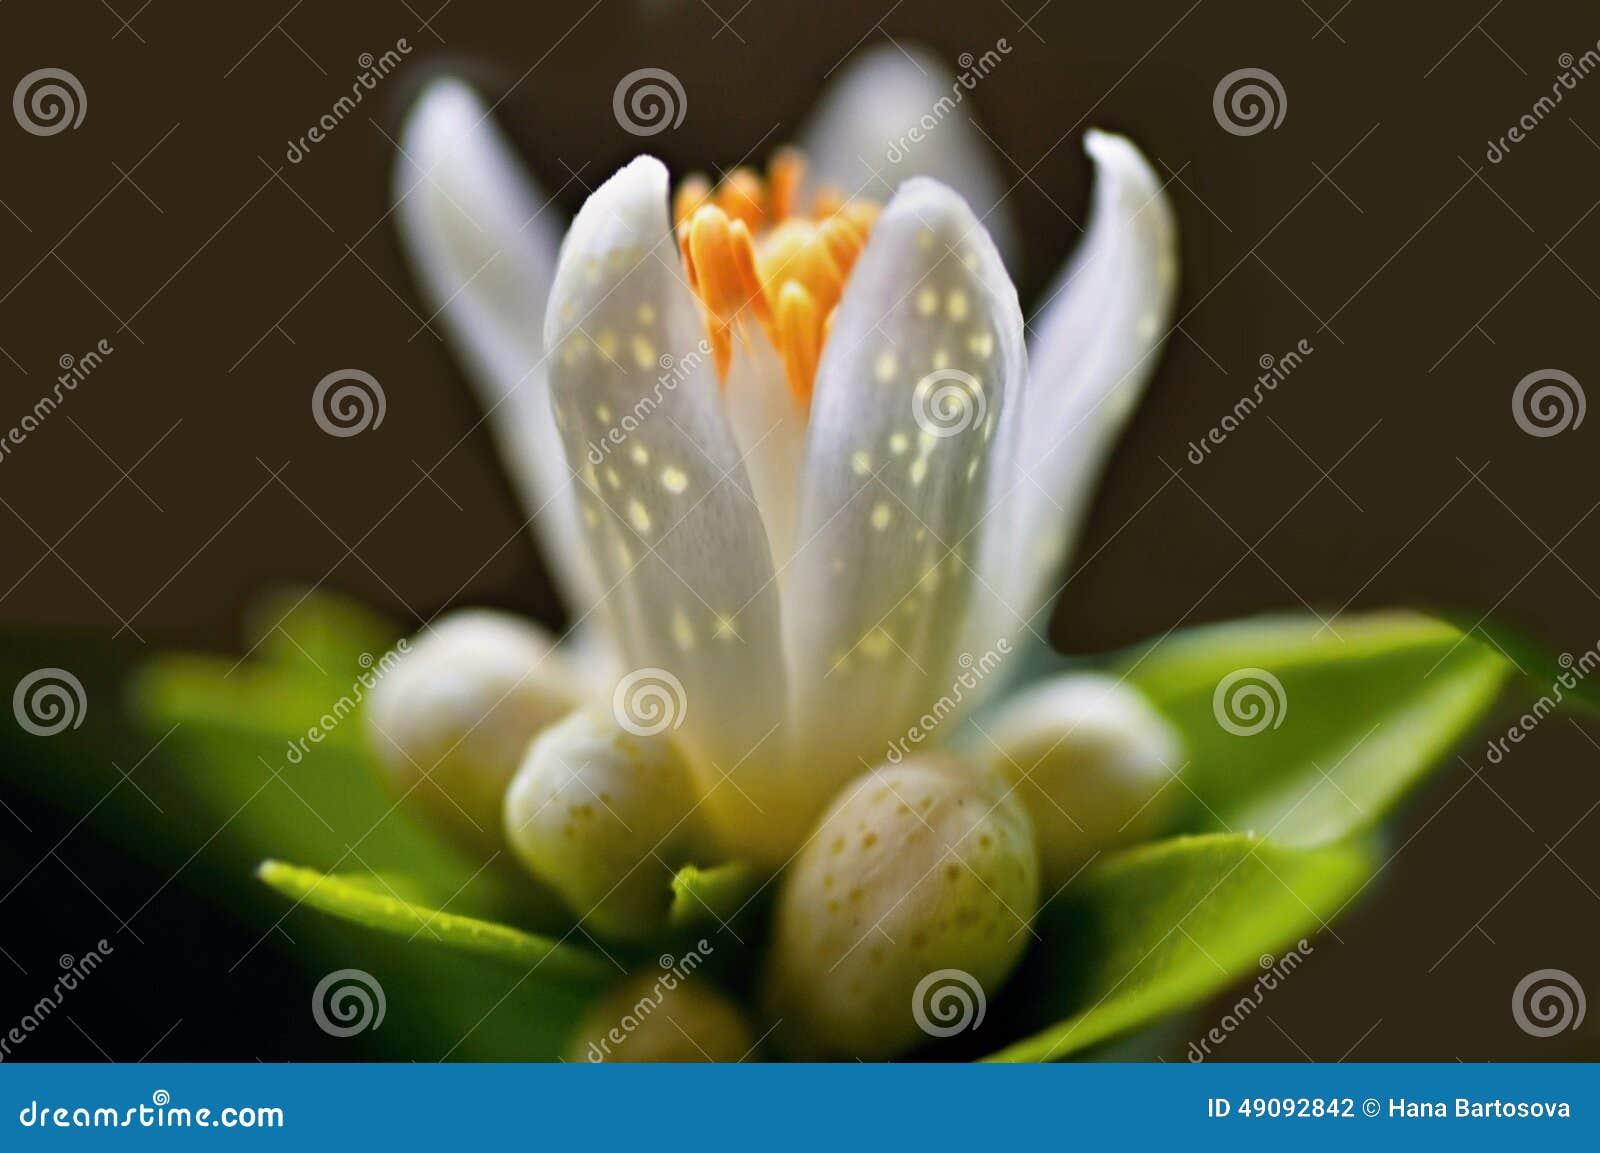 Detalj av den citrusa blomman med knoppar och kronblad